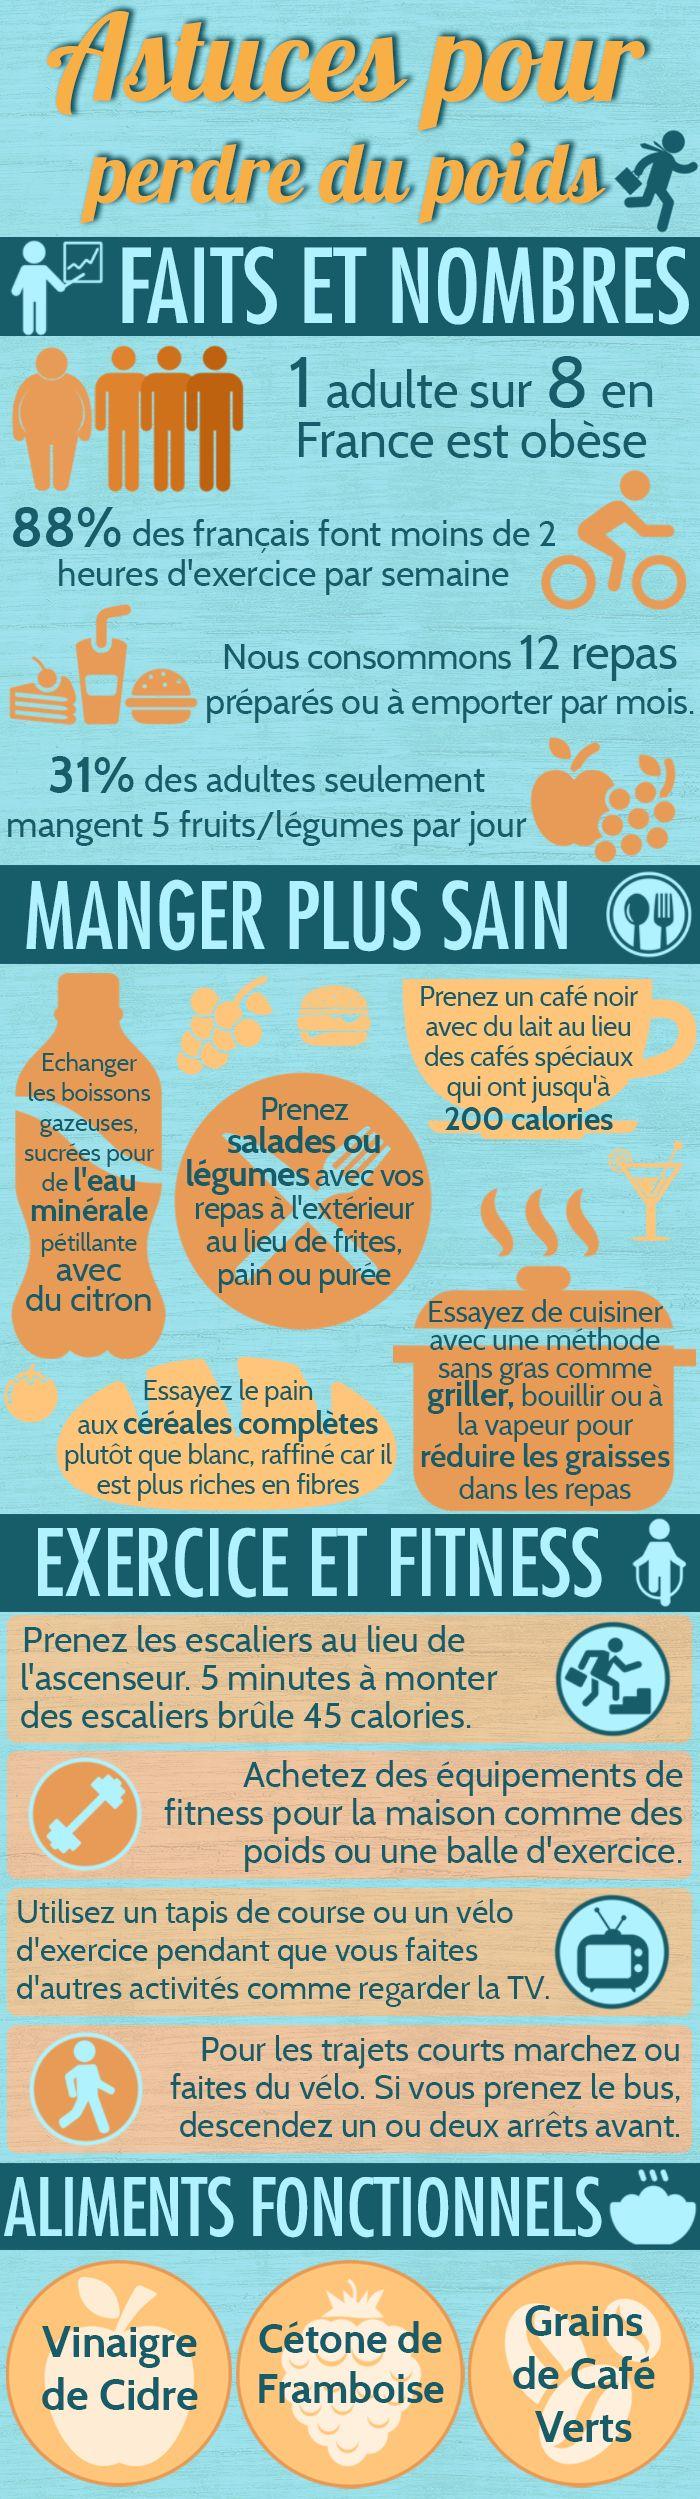 Quelques astuces pour perdre du poids quand on a une vie active.